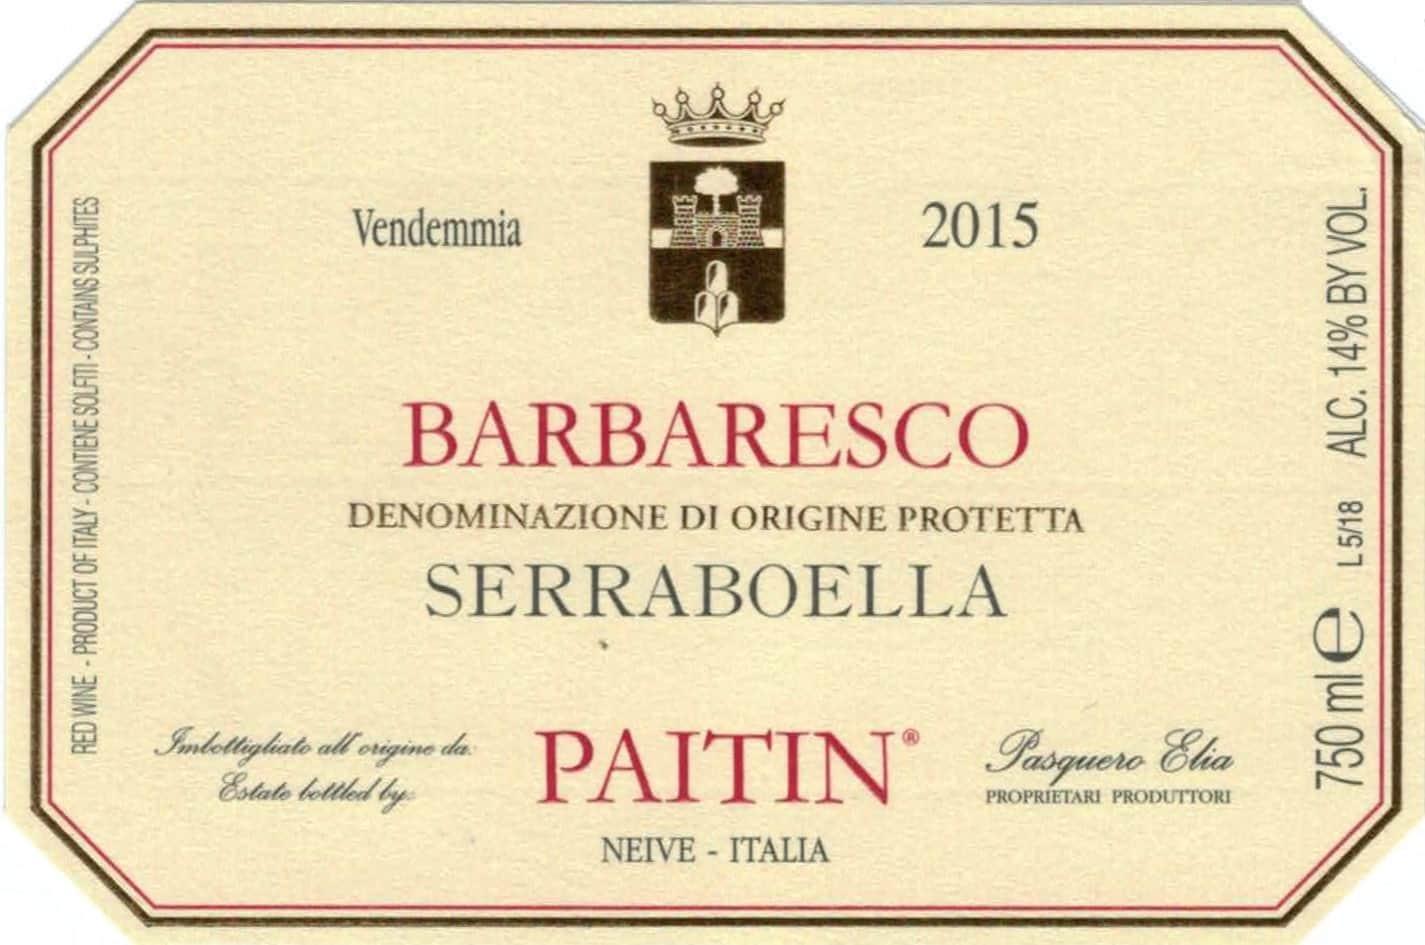 Paitin Barbaresco Serraboela